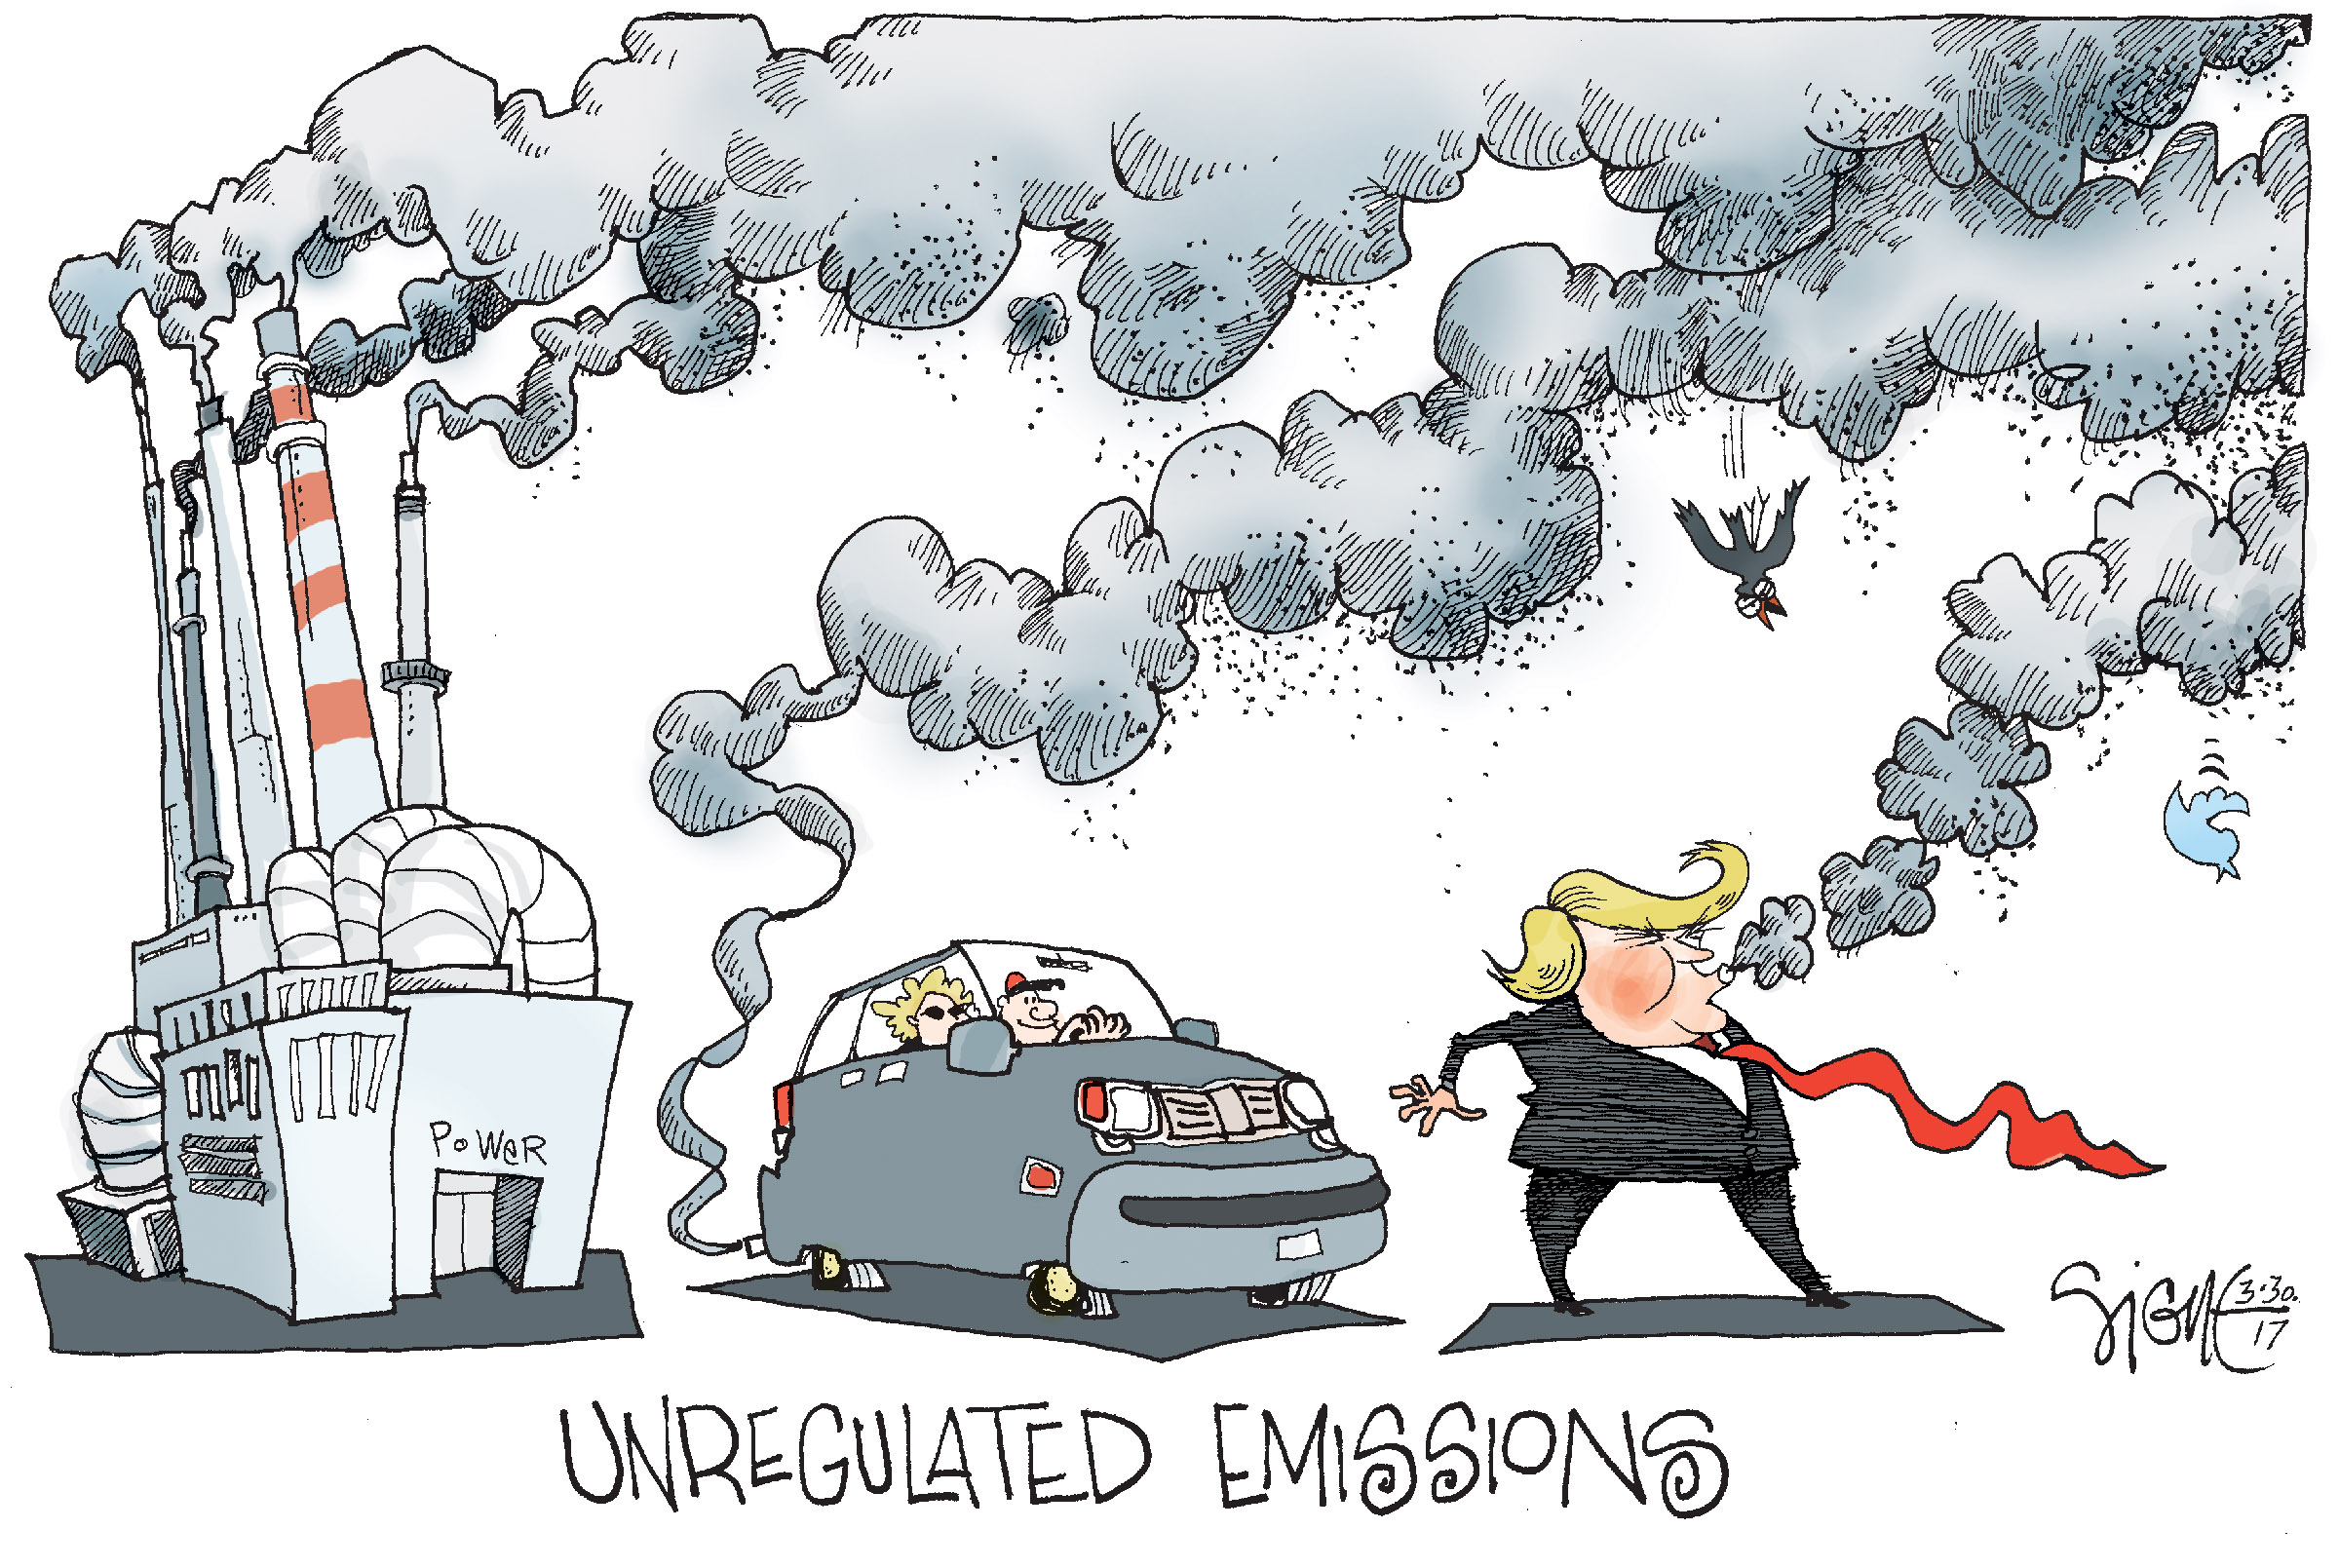 03-30-17 Emissions